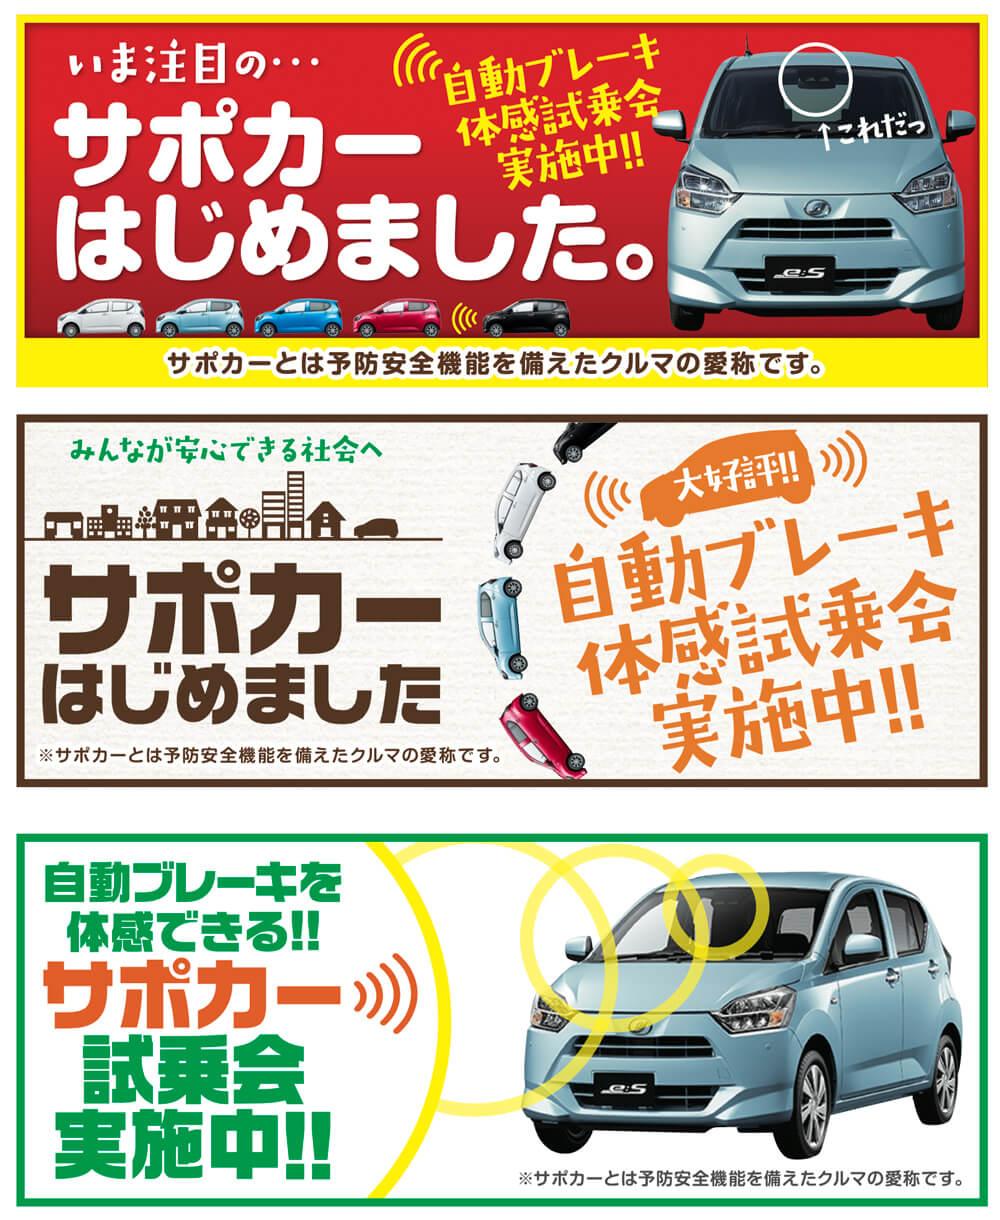 日昇自動車販売様 キャンペーンバナー